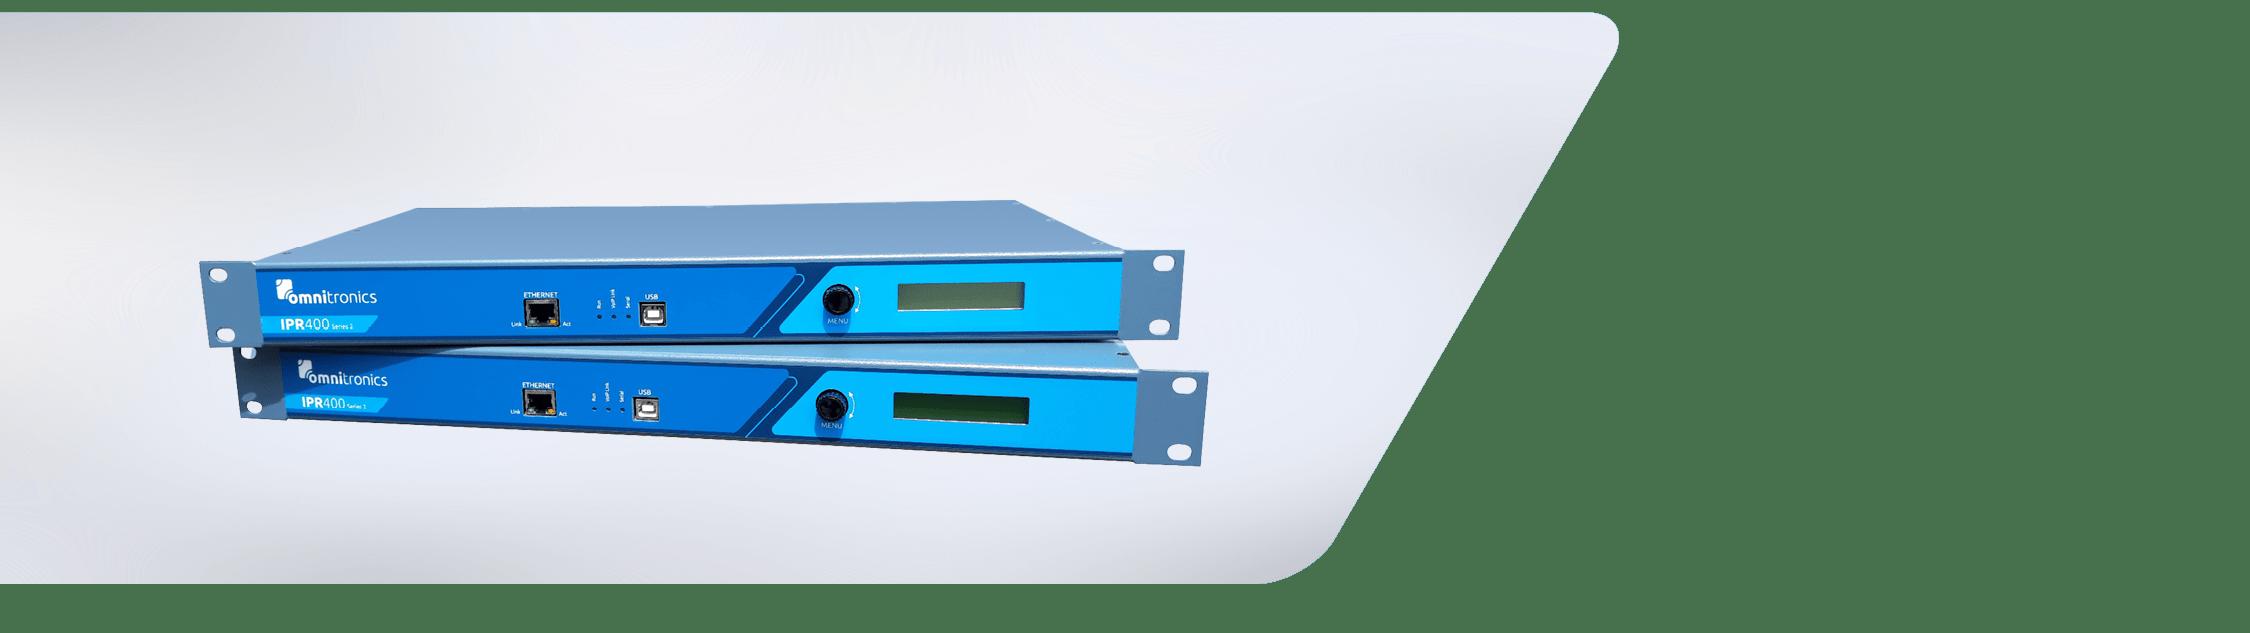 IPR400S2 RoIP Gateway